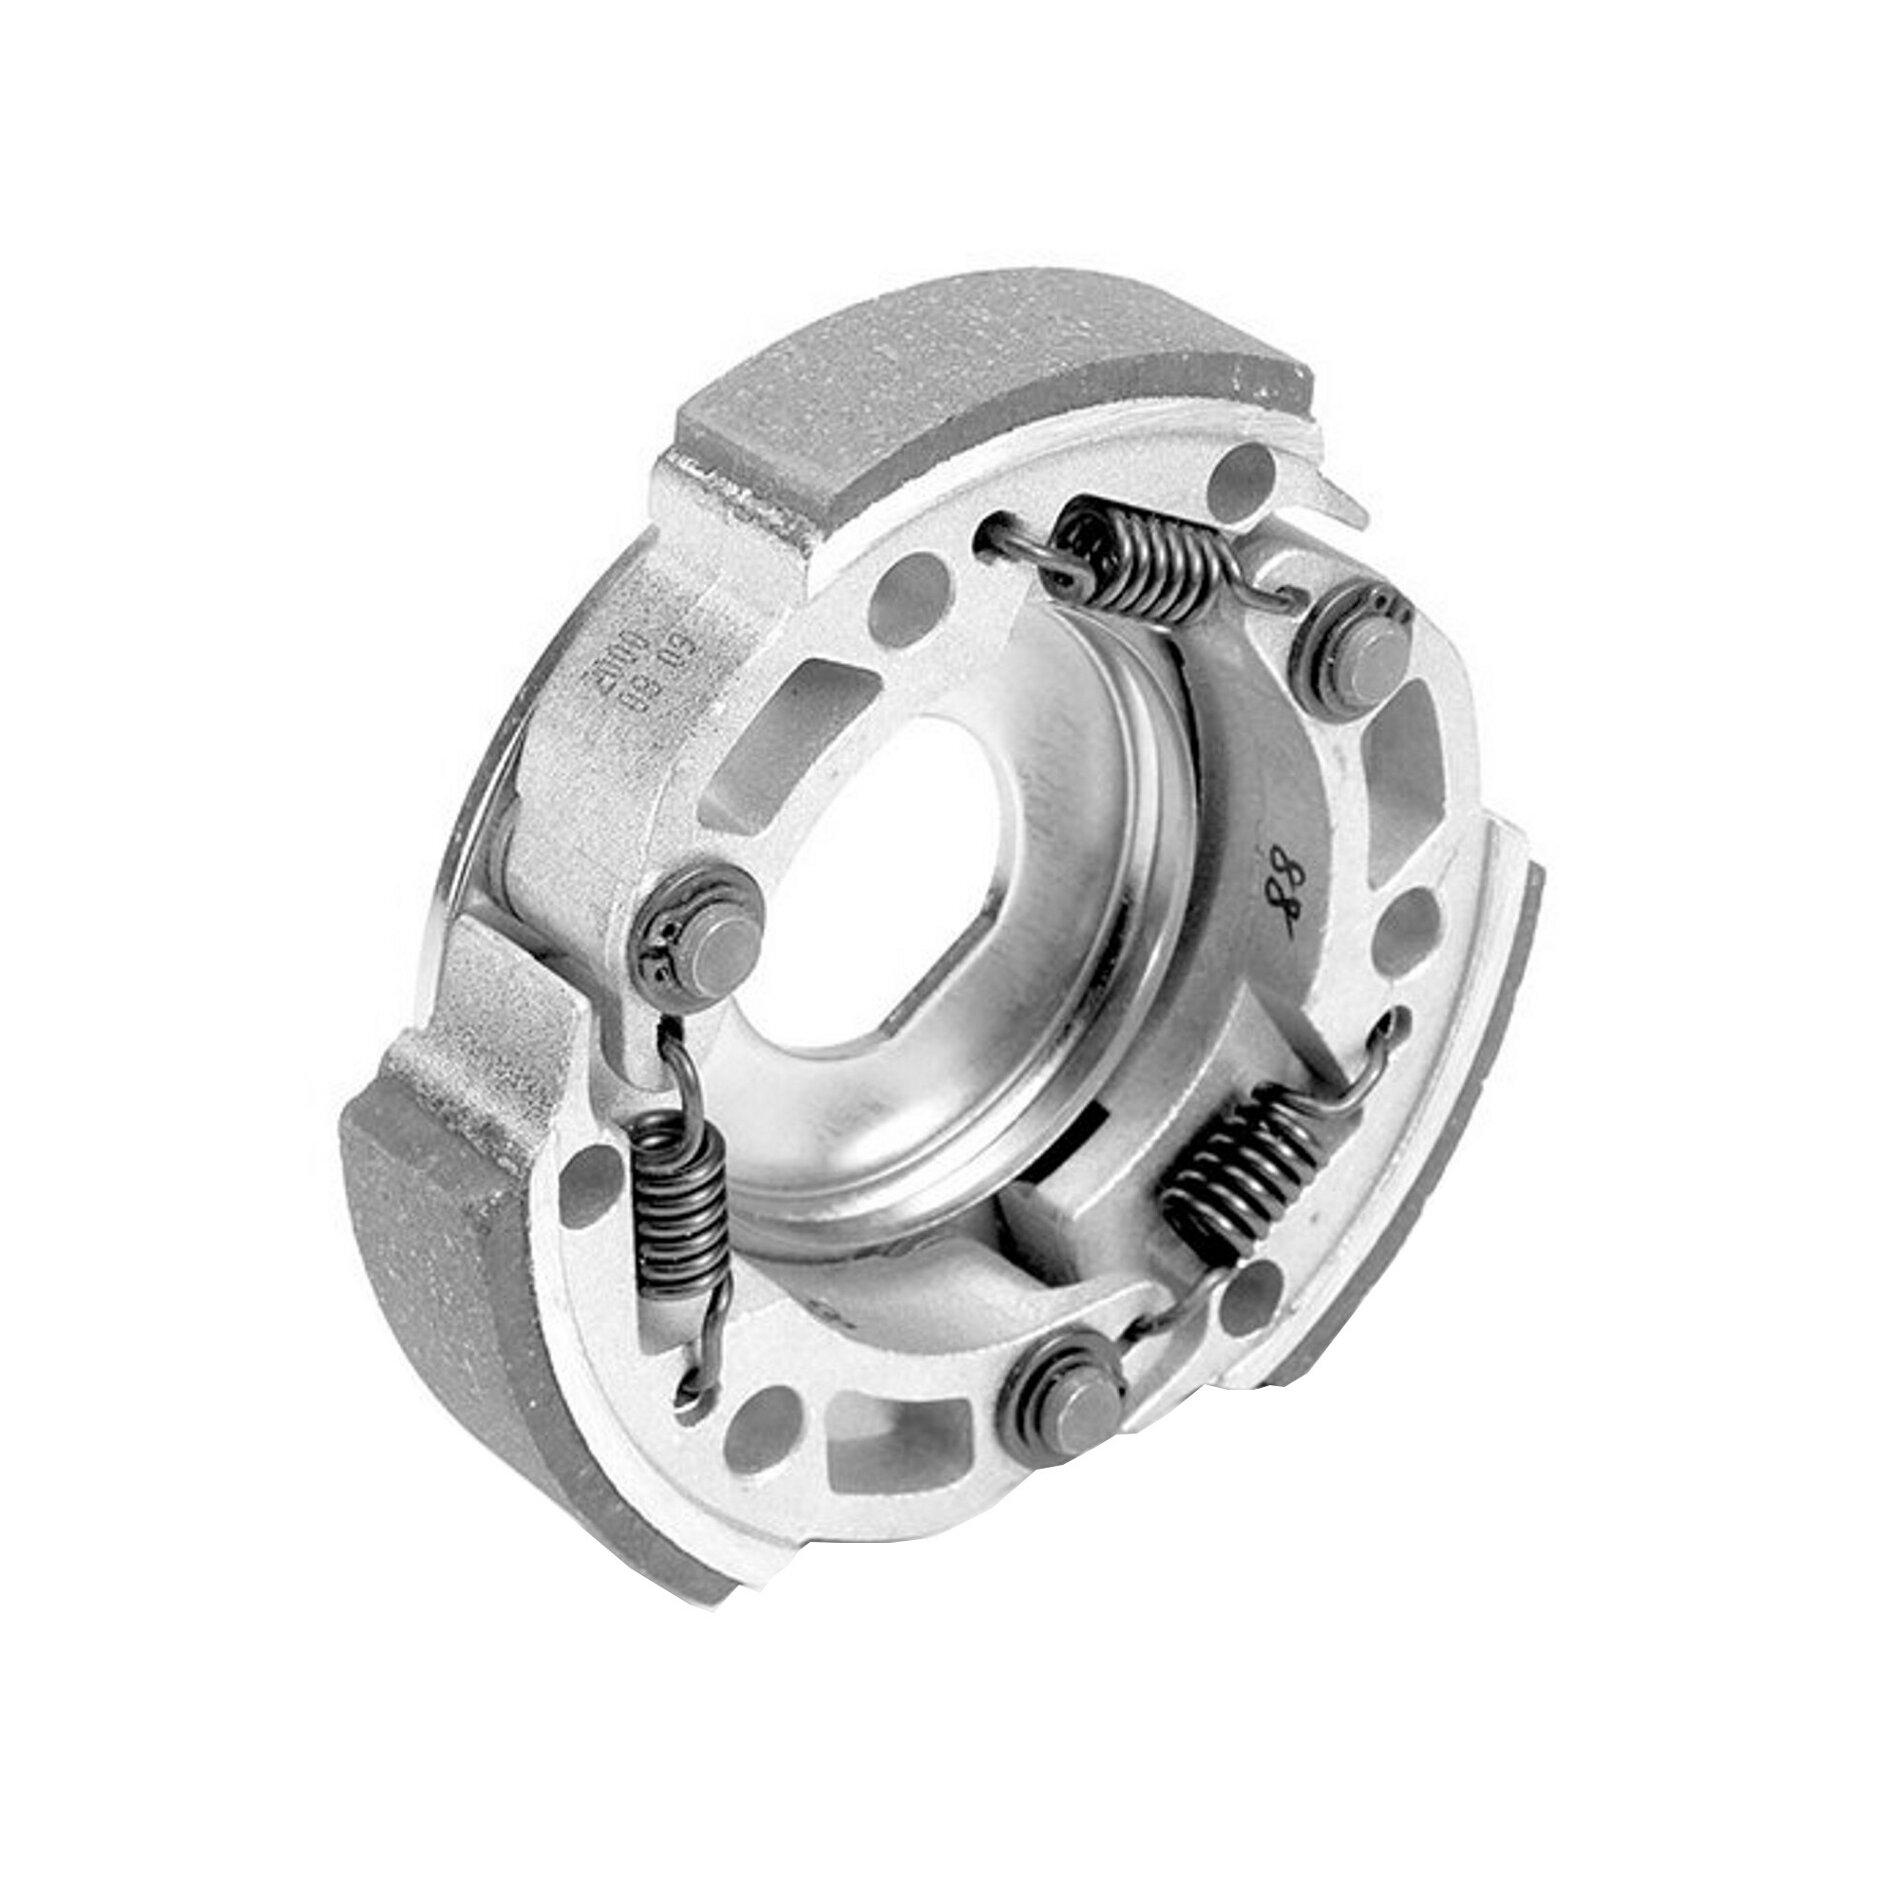 Embrayage centrifuge peugeot elyseo 125 4t 99-04